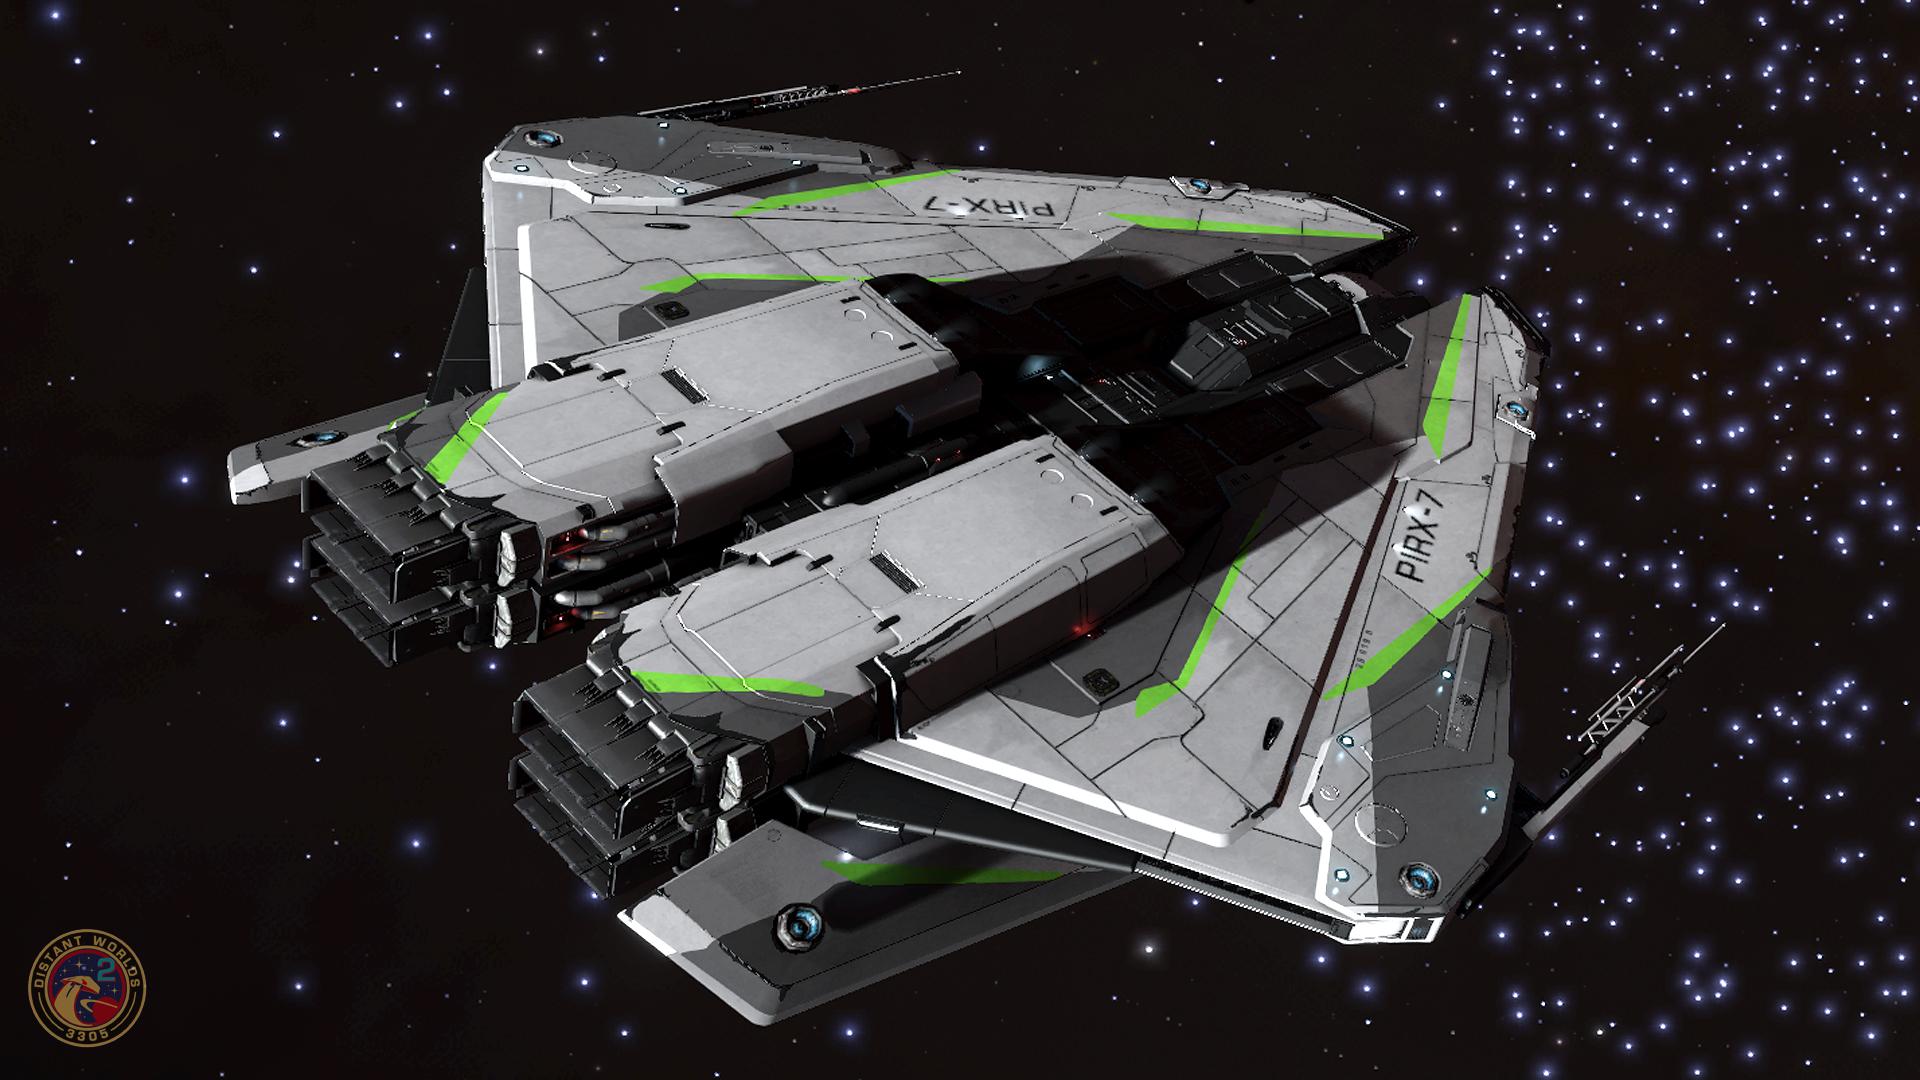 dw2-01-002-schiff.jpg